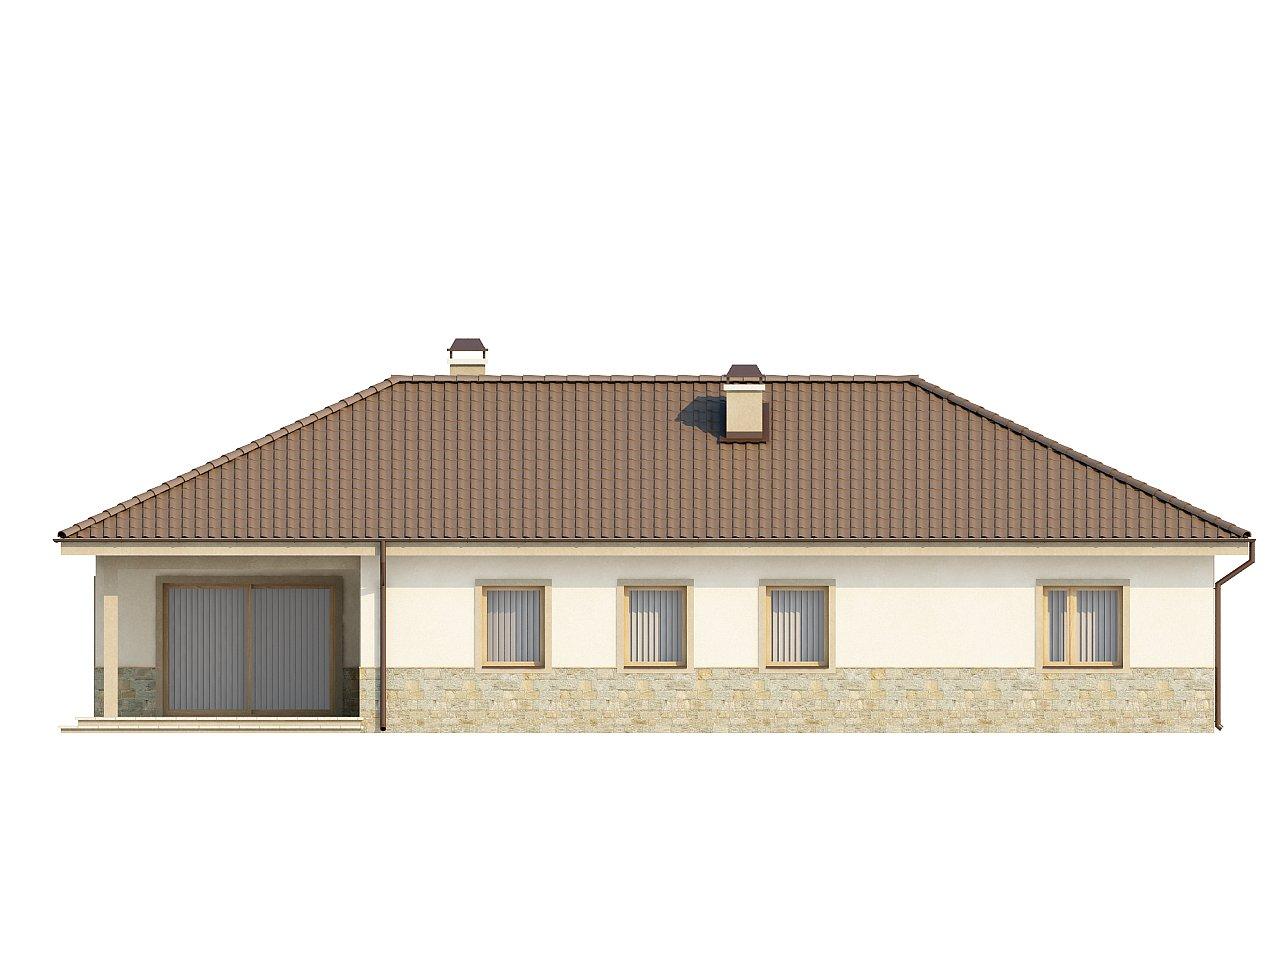 Одноэтажный дом в скандинавском стиле с дополнительной фронтальной террасой и гаражом на две машины. 6